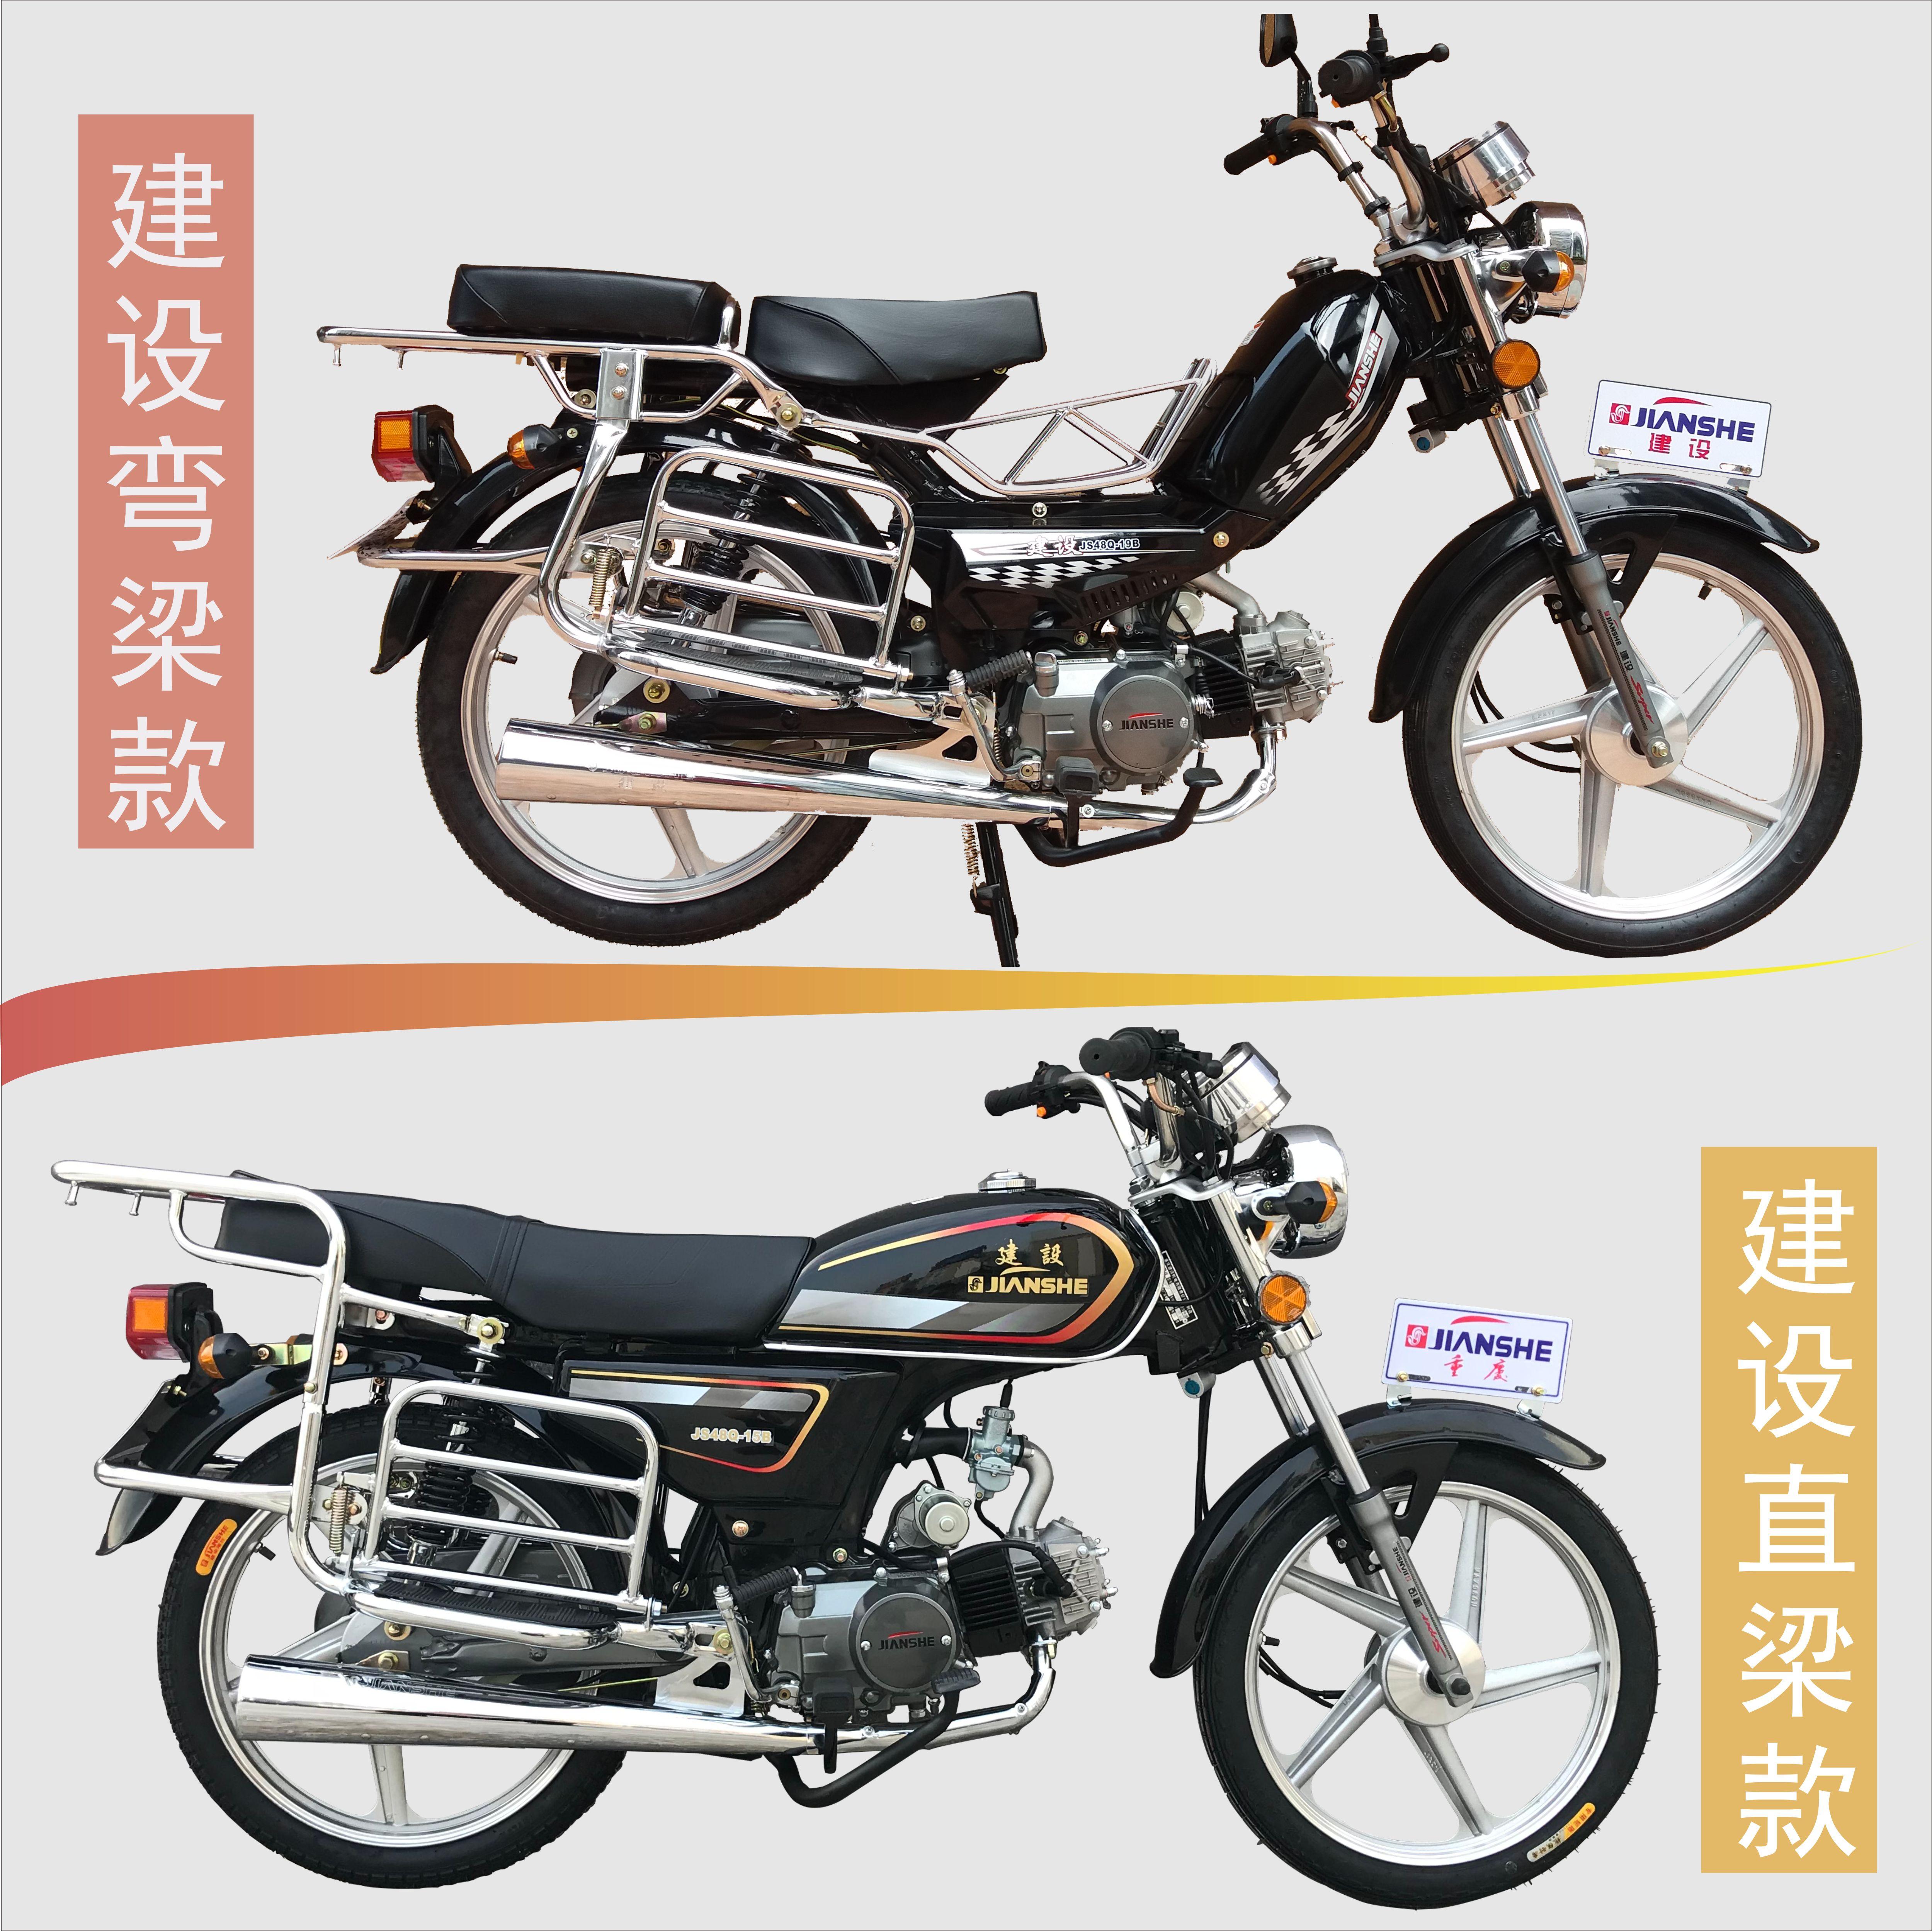 重庆建设弯梁直梁燃油助力代步两轮摩托车110排量标48Q50爆款